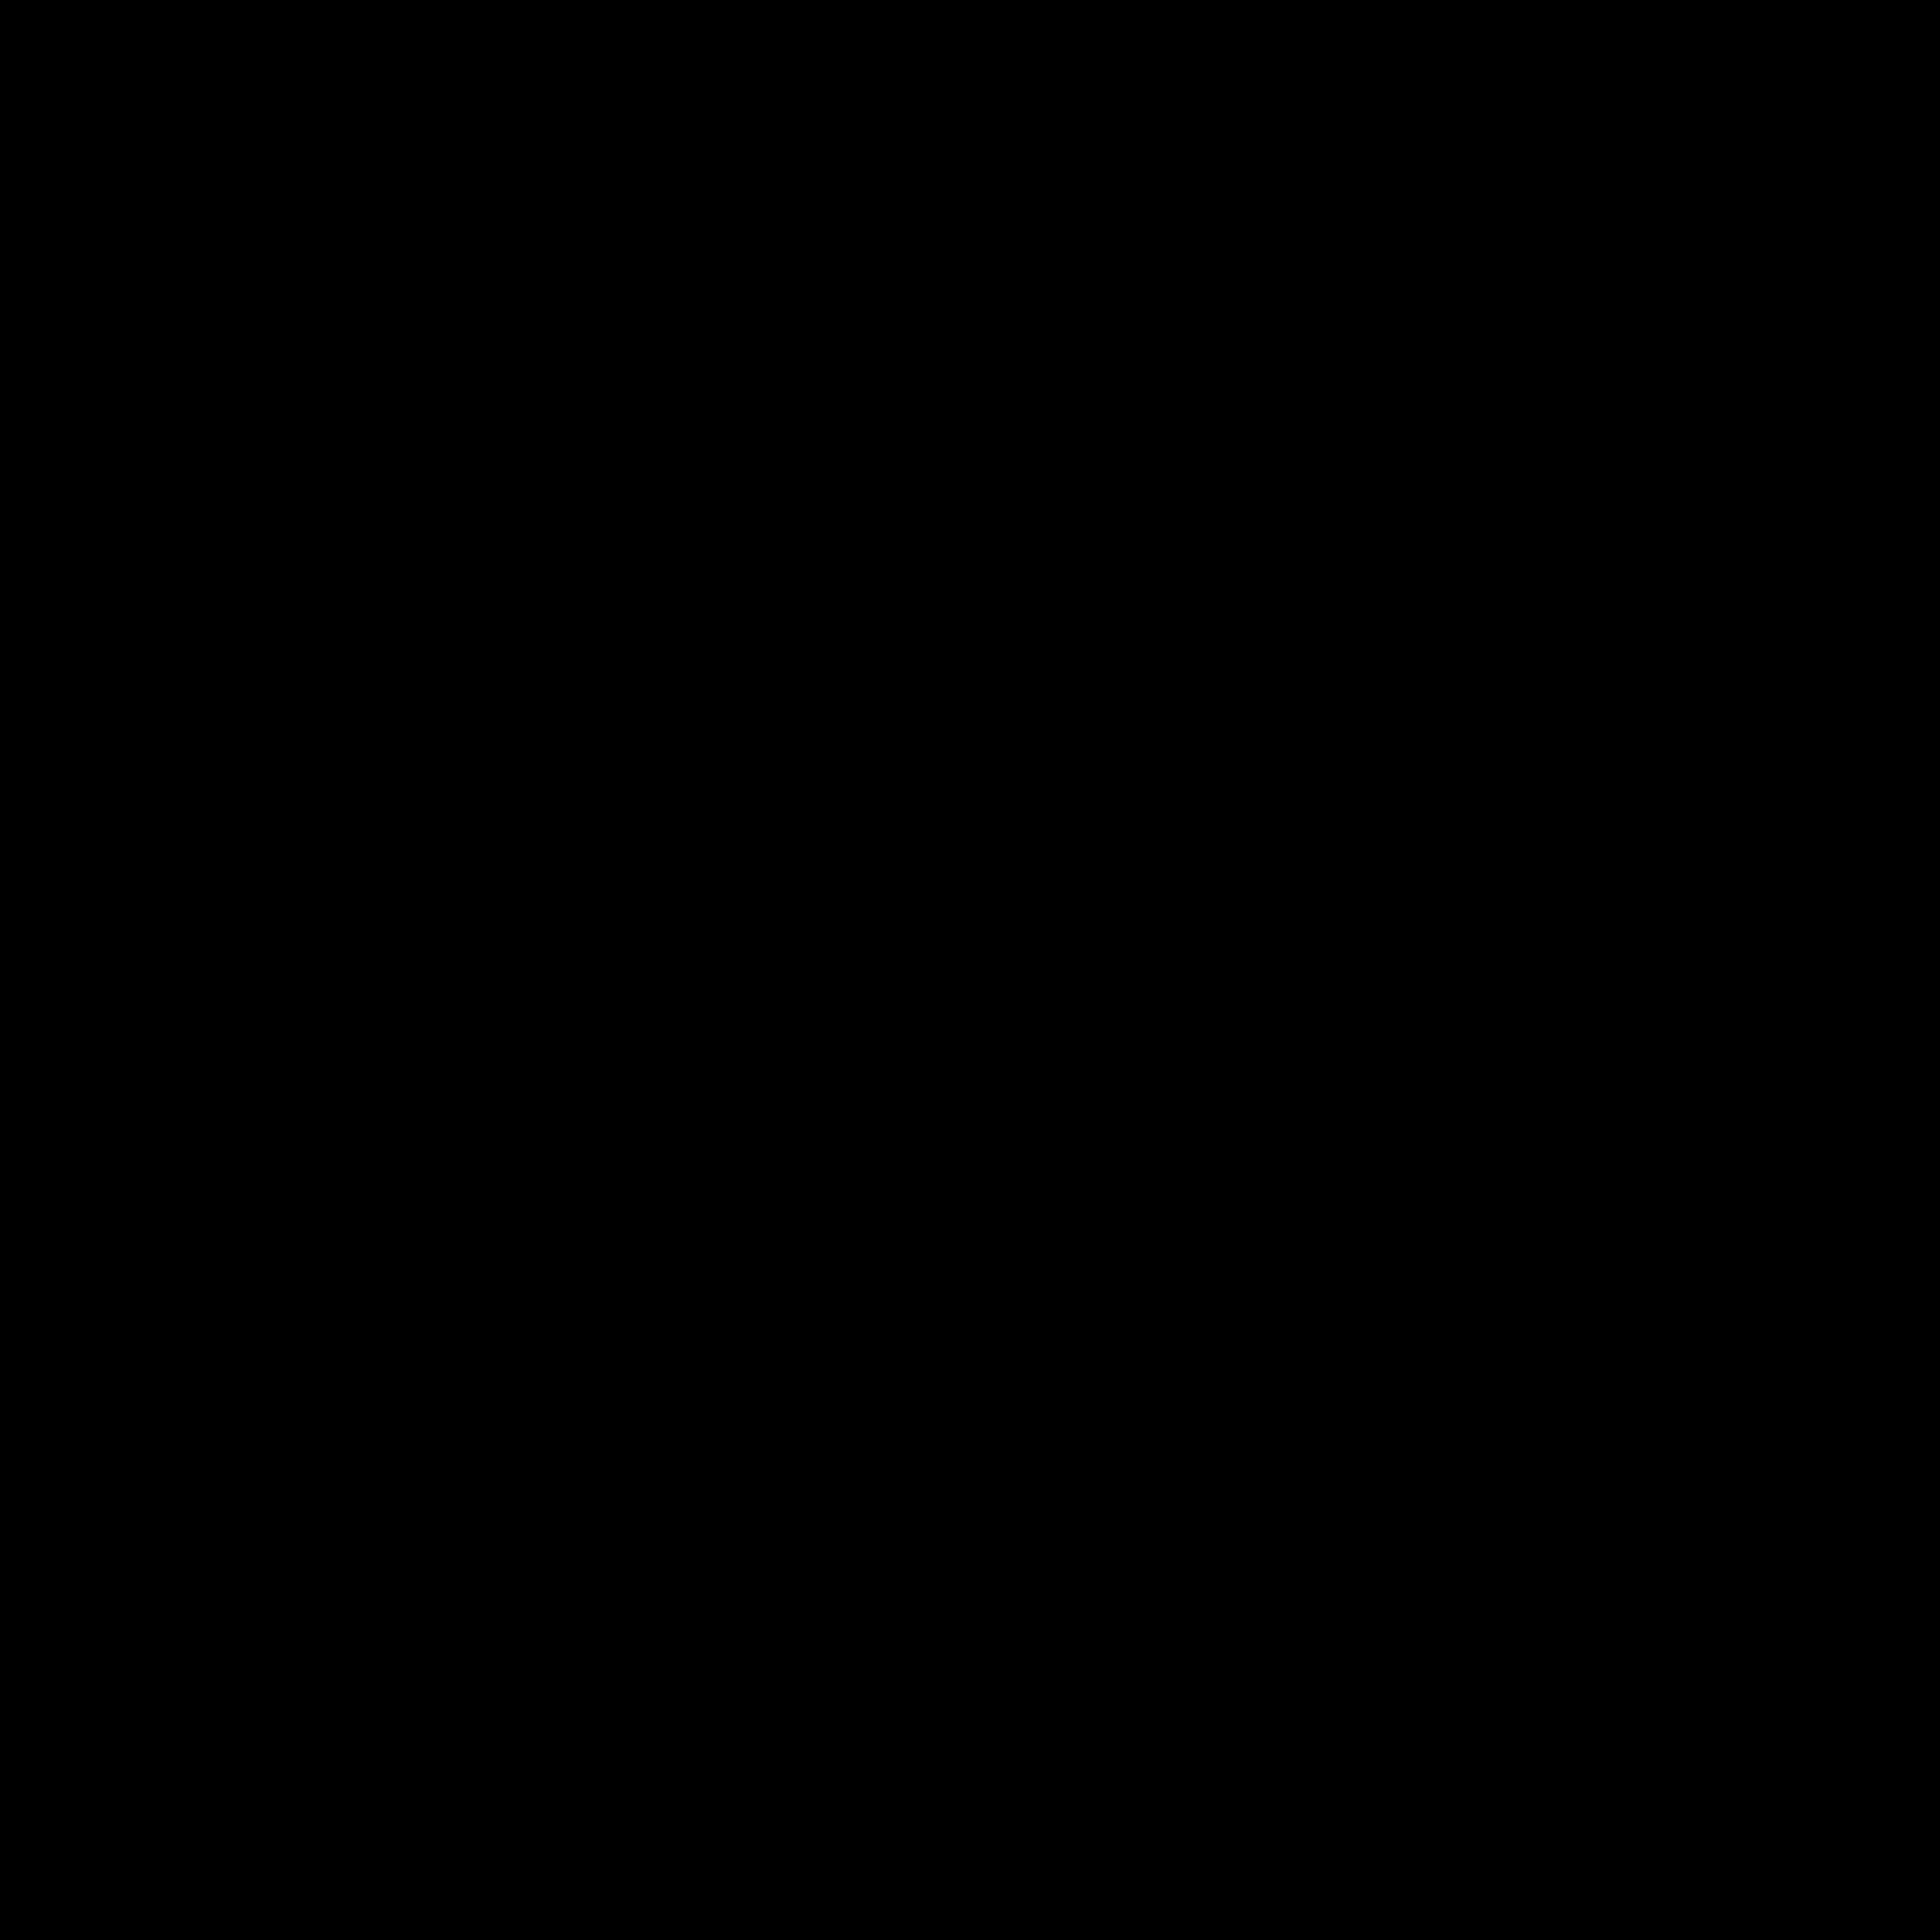 Zhiyun Smooth Q Smartphone Gimbal